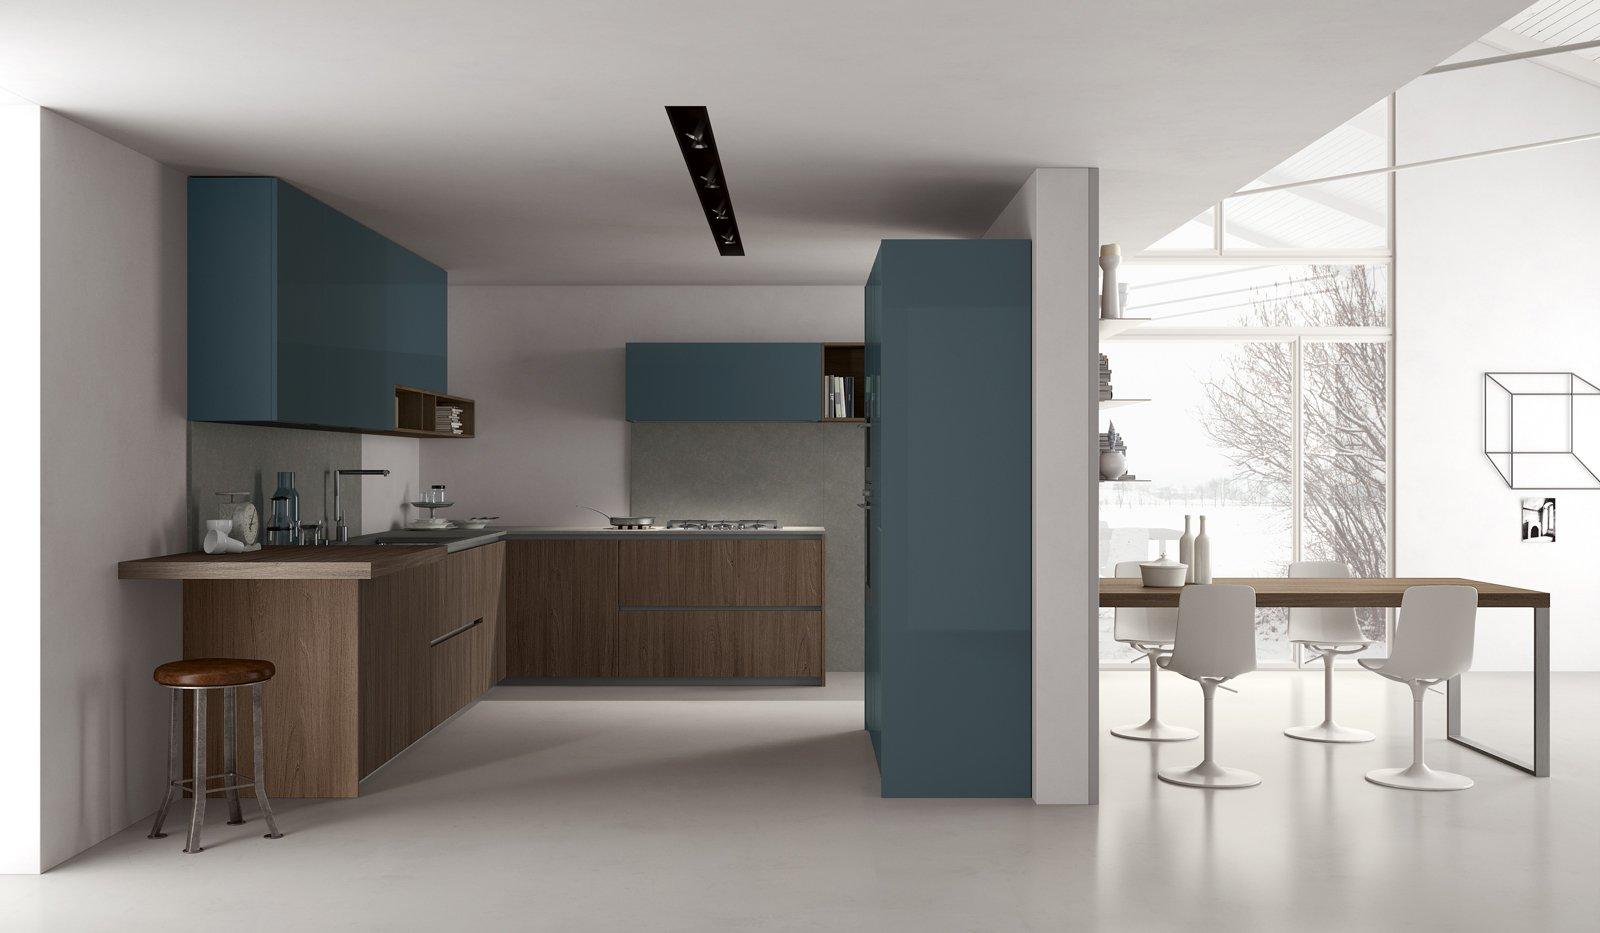 Cucine bicolore l 39 alternanza cromatica fa tendenza cose for Immagini mobili